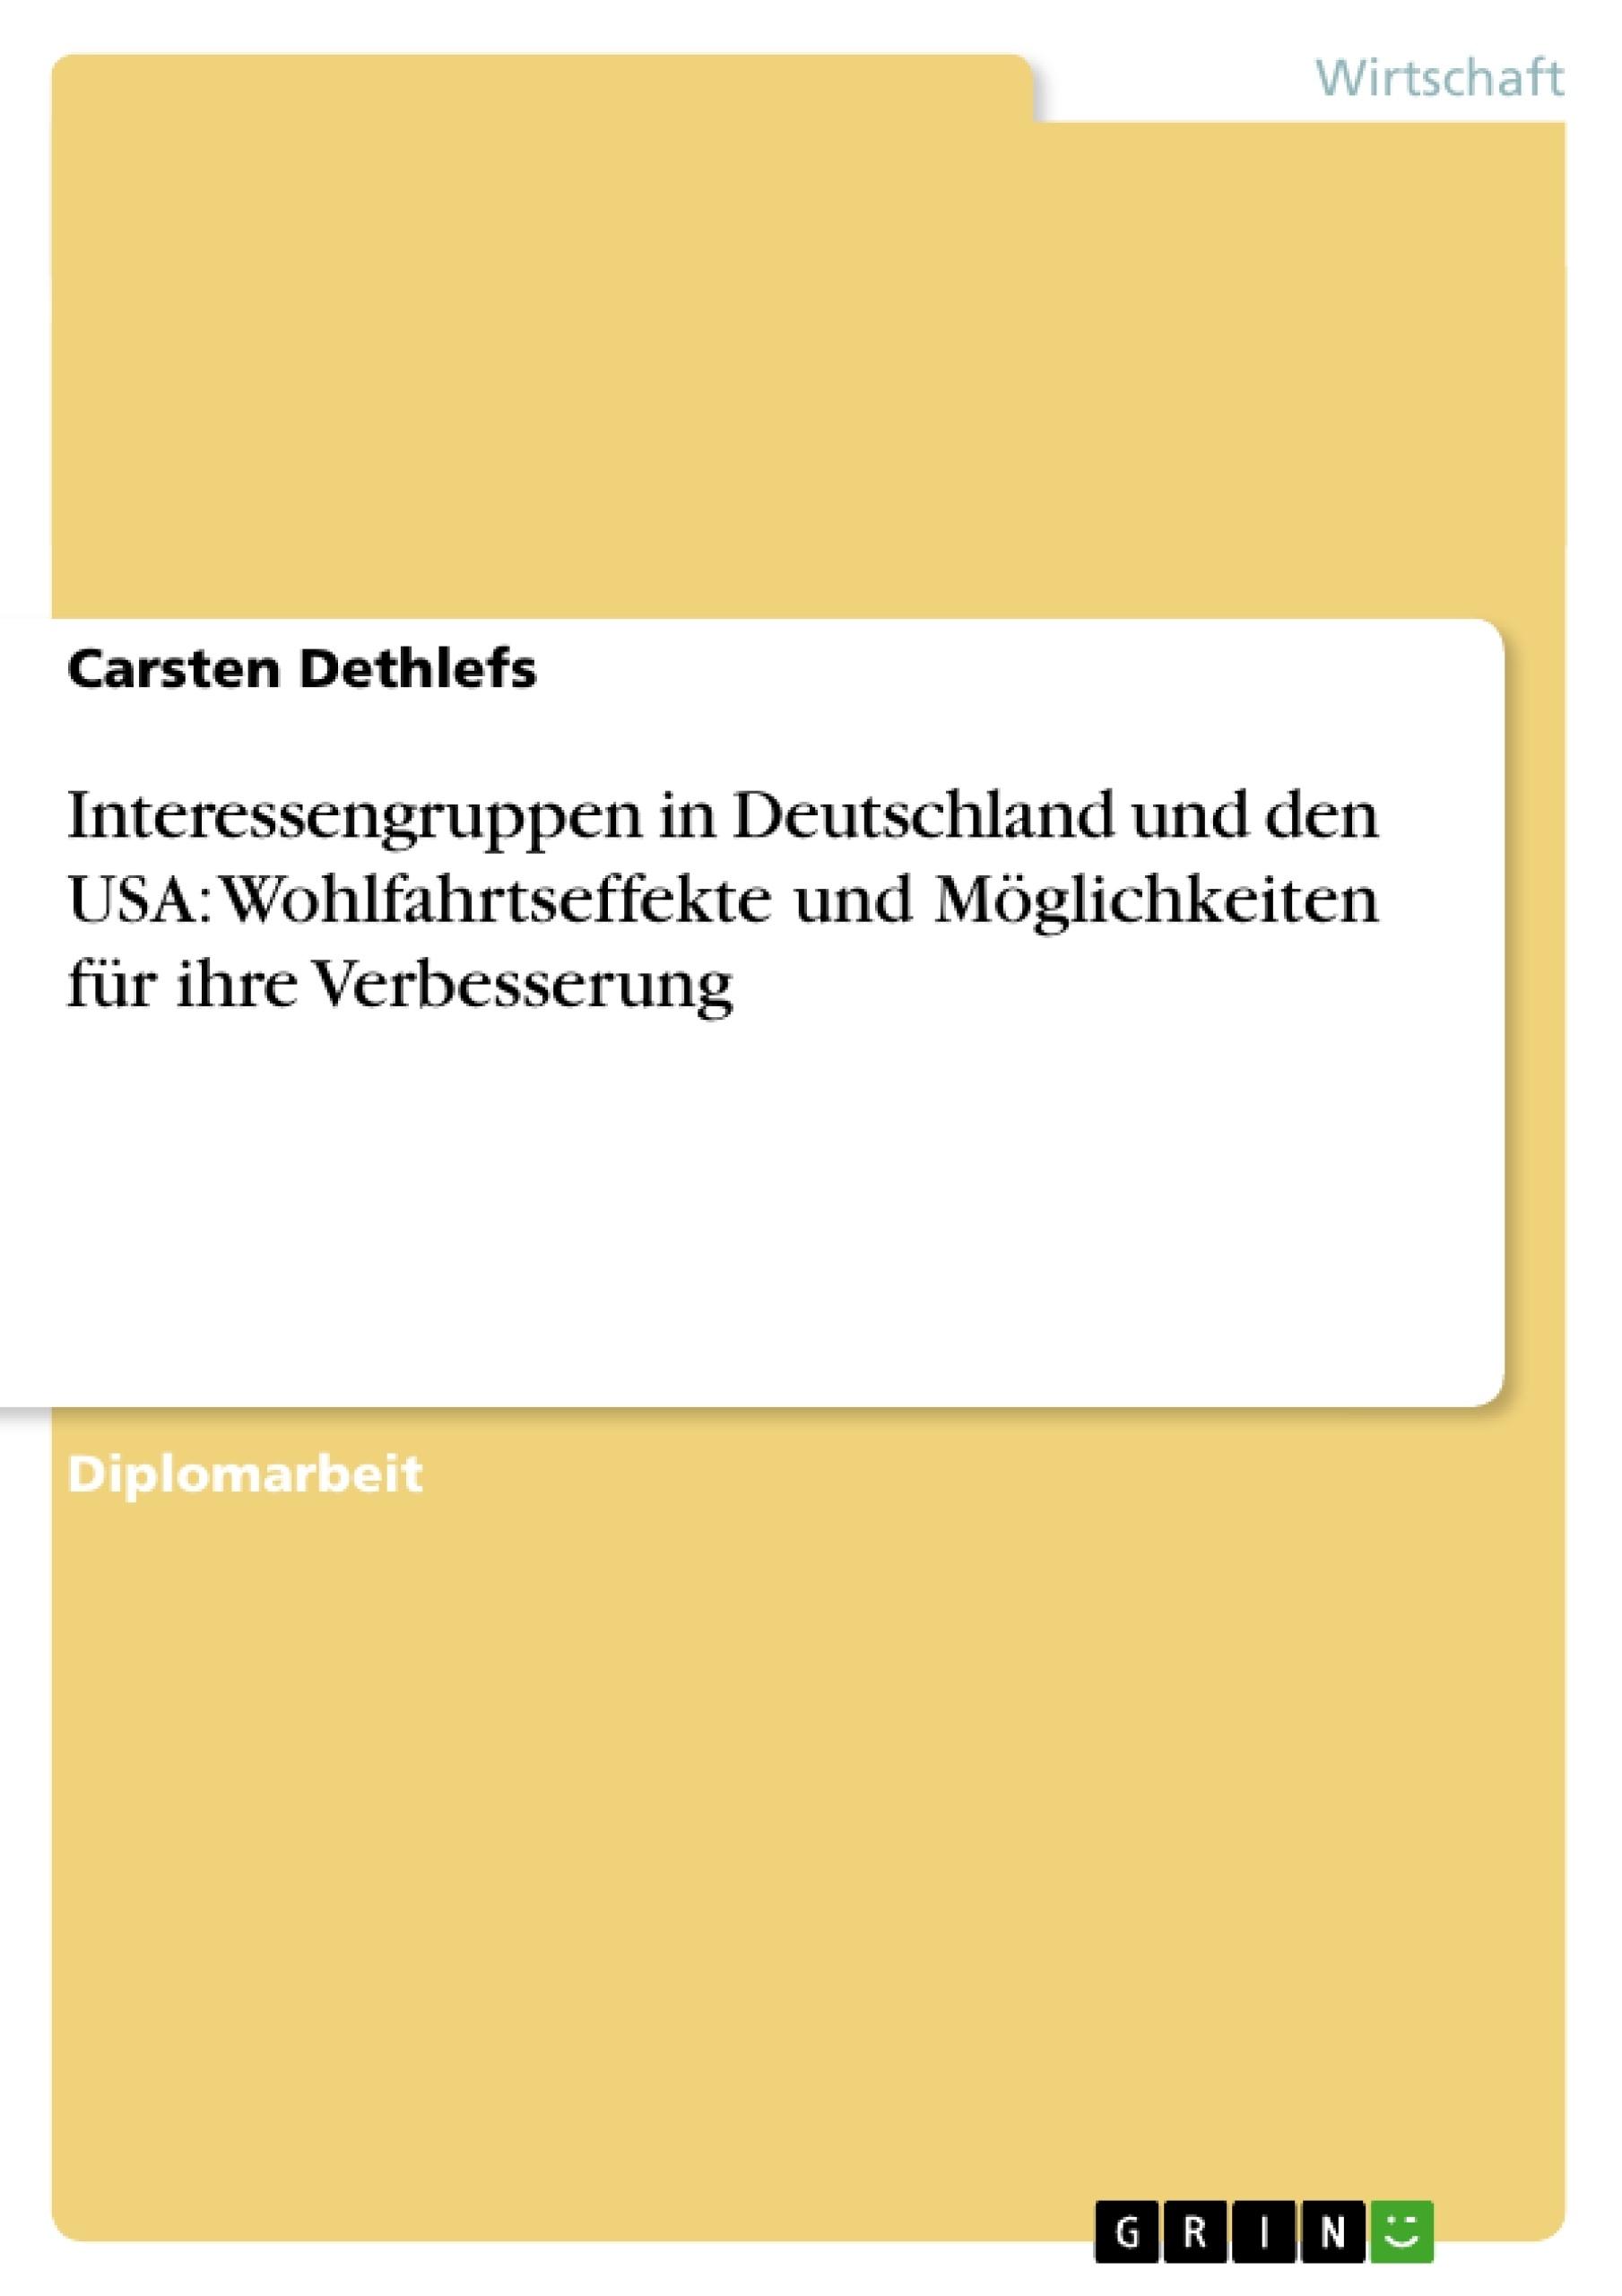 Titel: Interessengruppen in Deutschland und den USA: Wohlfahrtseffekte und Möglichkeiten für ihre Verbesserung